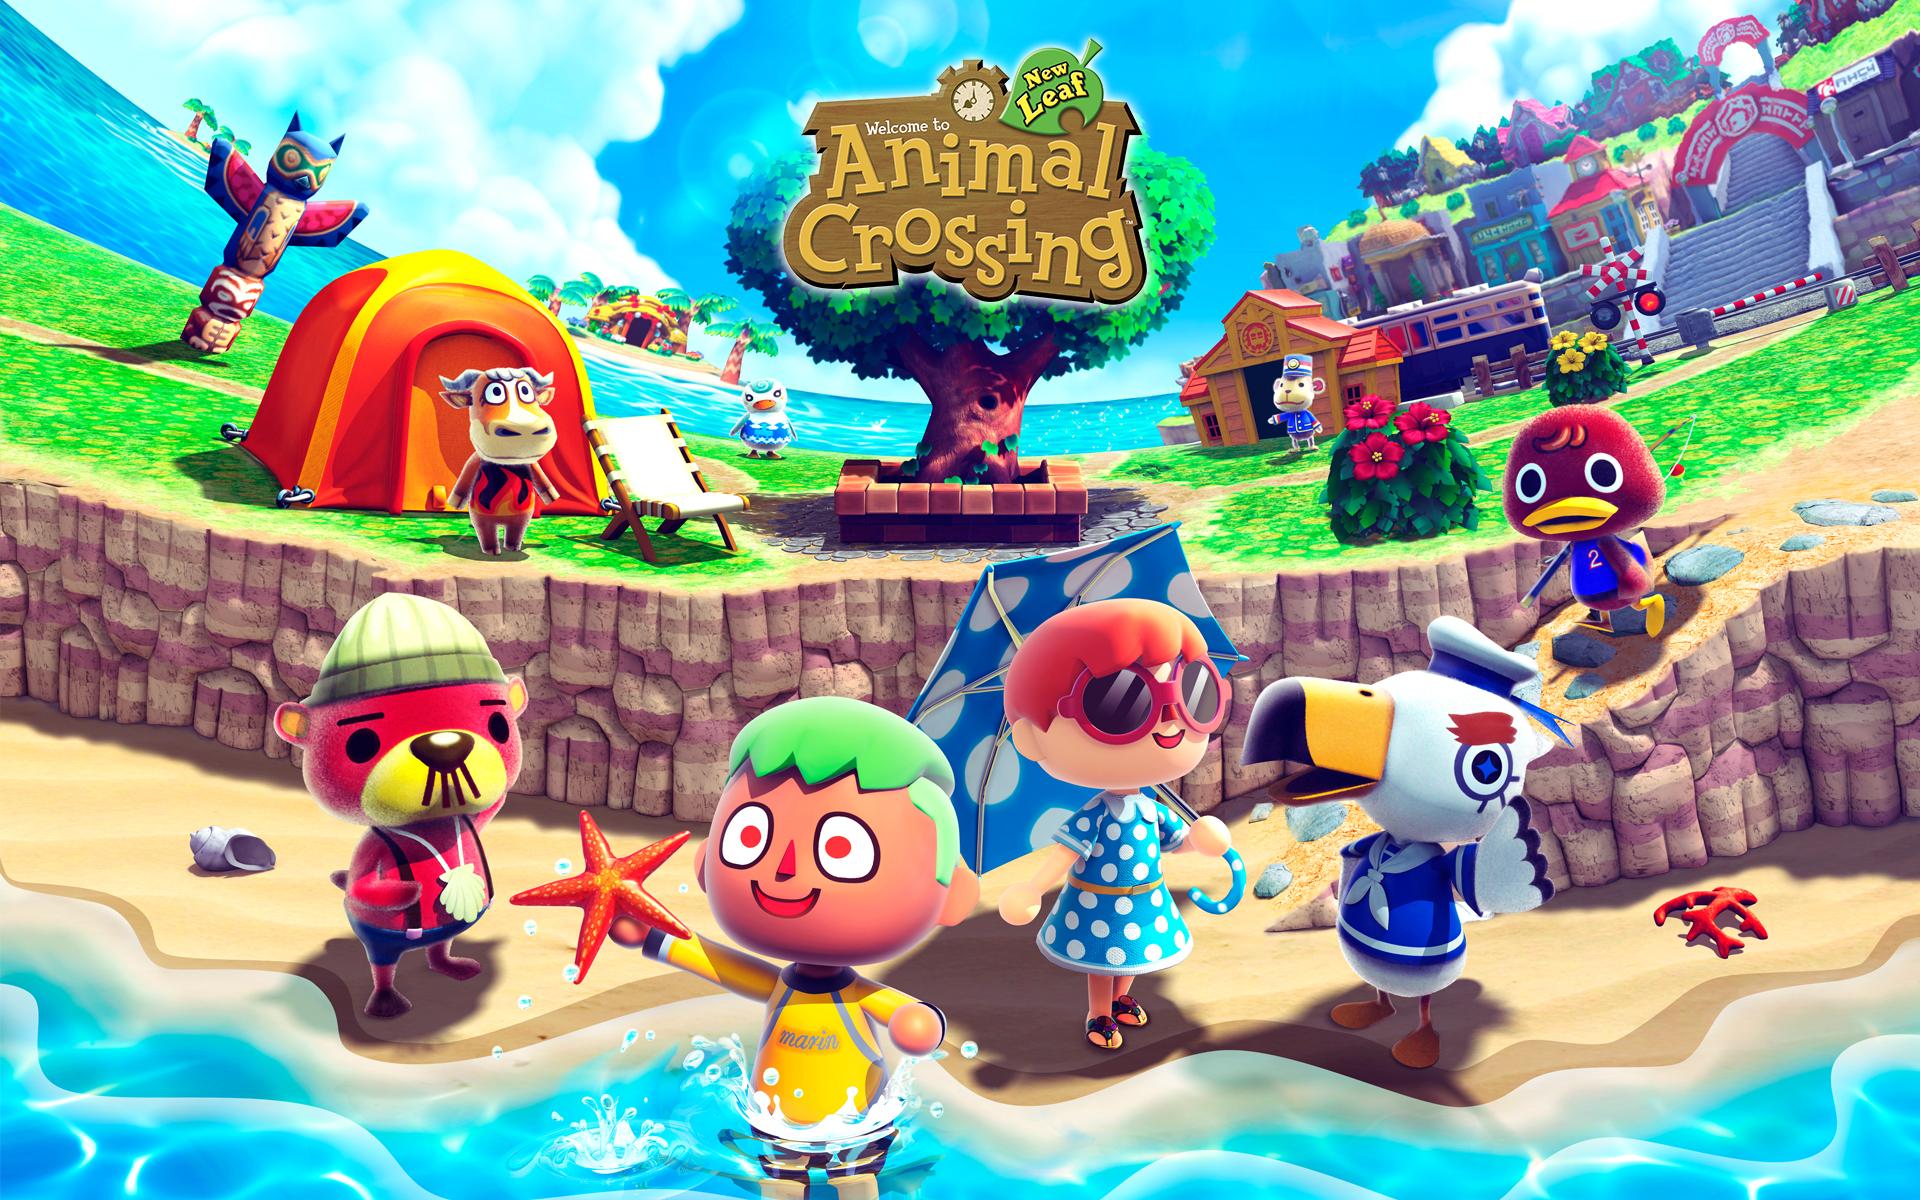 Animal Crossing New Leaf Wallpaper - WallpaperSafari